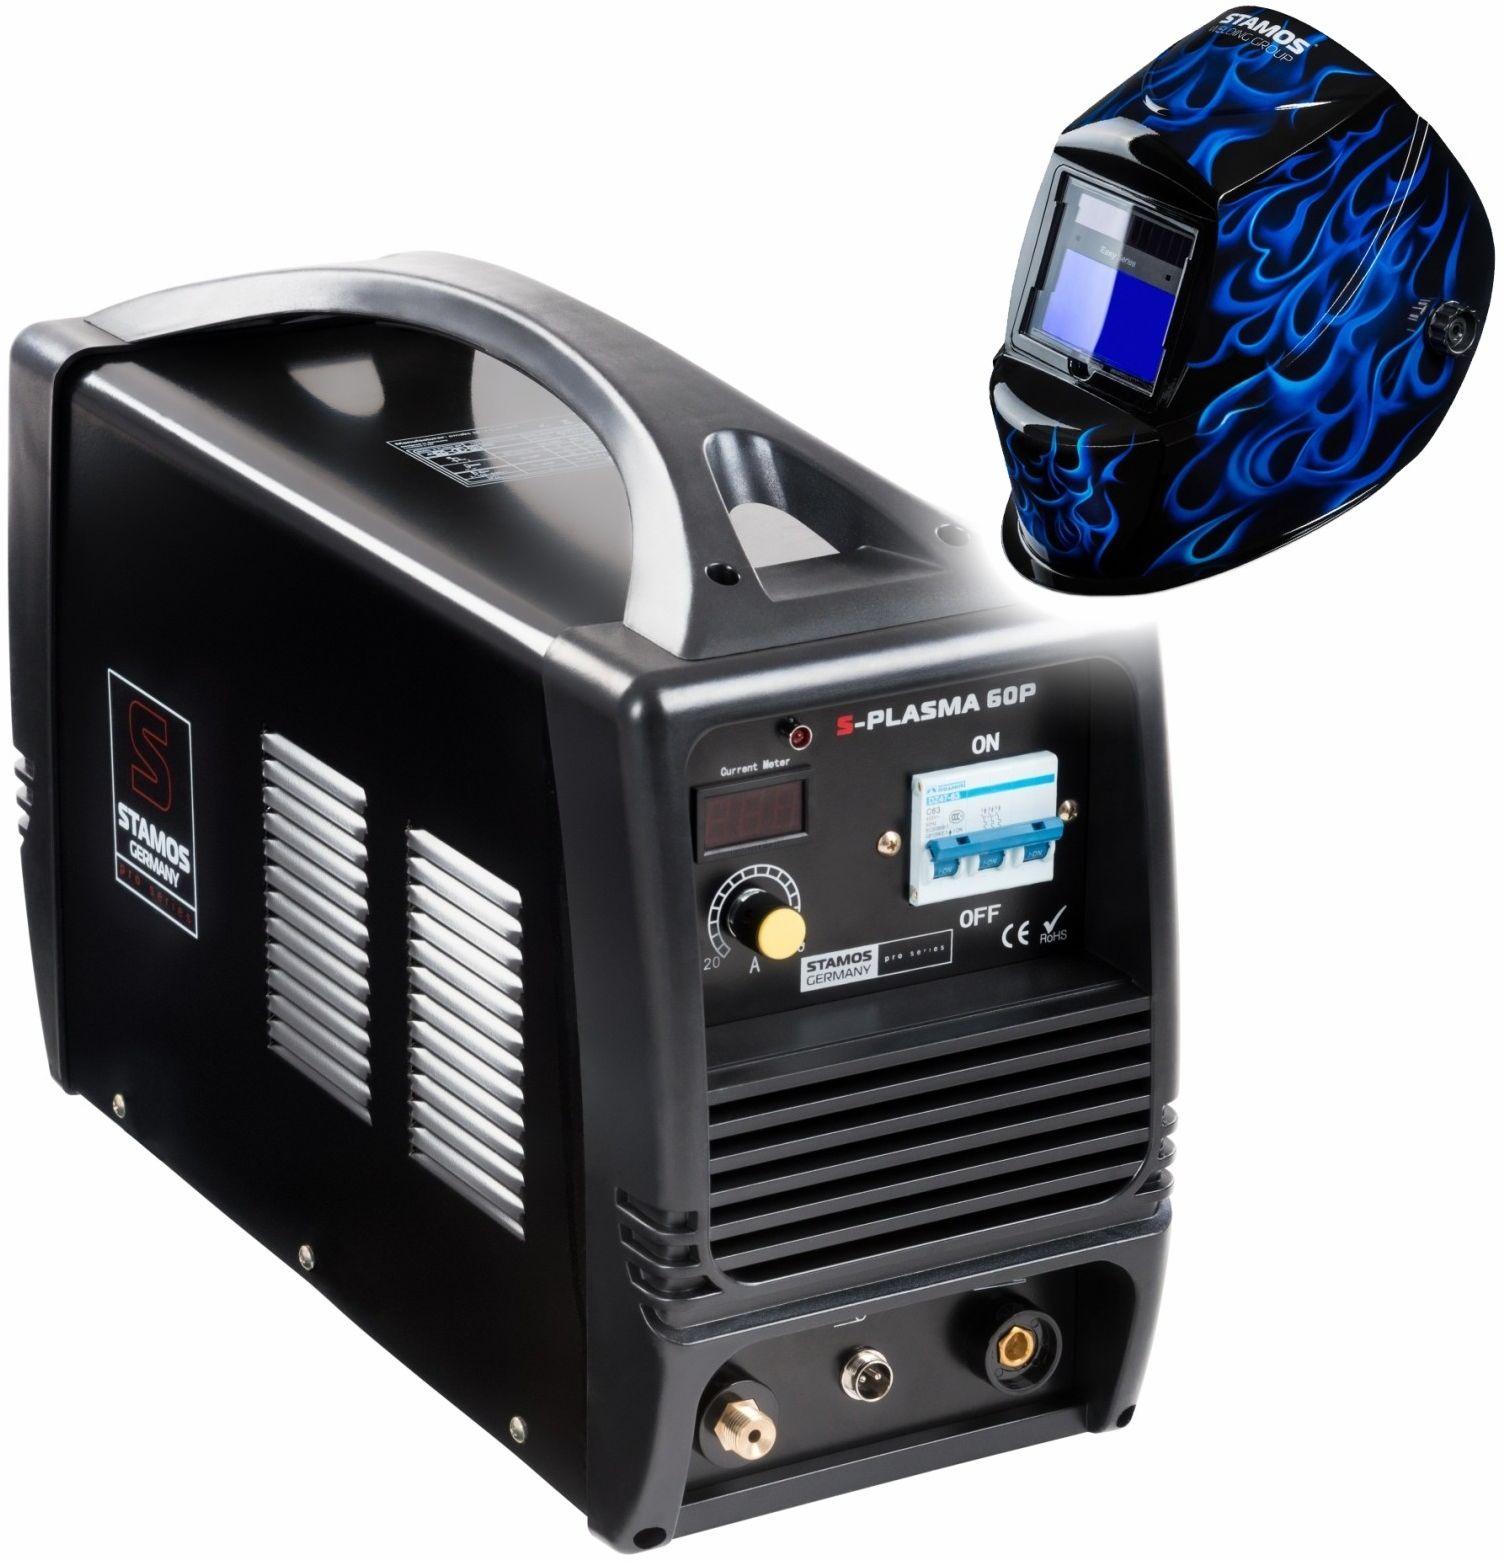 Przecinarka plazmowa - 60 A - 400 V + Maska spawalnicza - Carbonic - Professional - Stamos Pro Series - S-Plasma 60P - 3 lata gwarancji/wysyłka w 24h